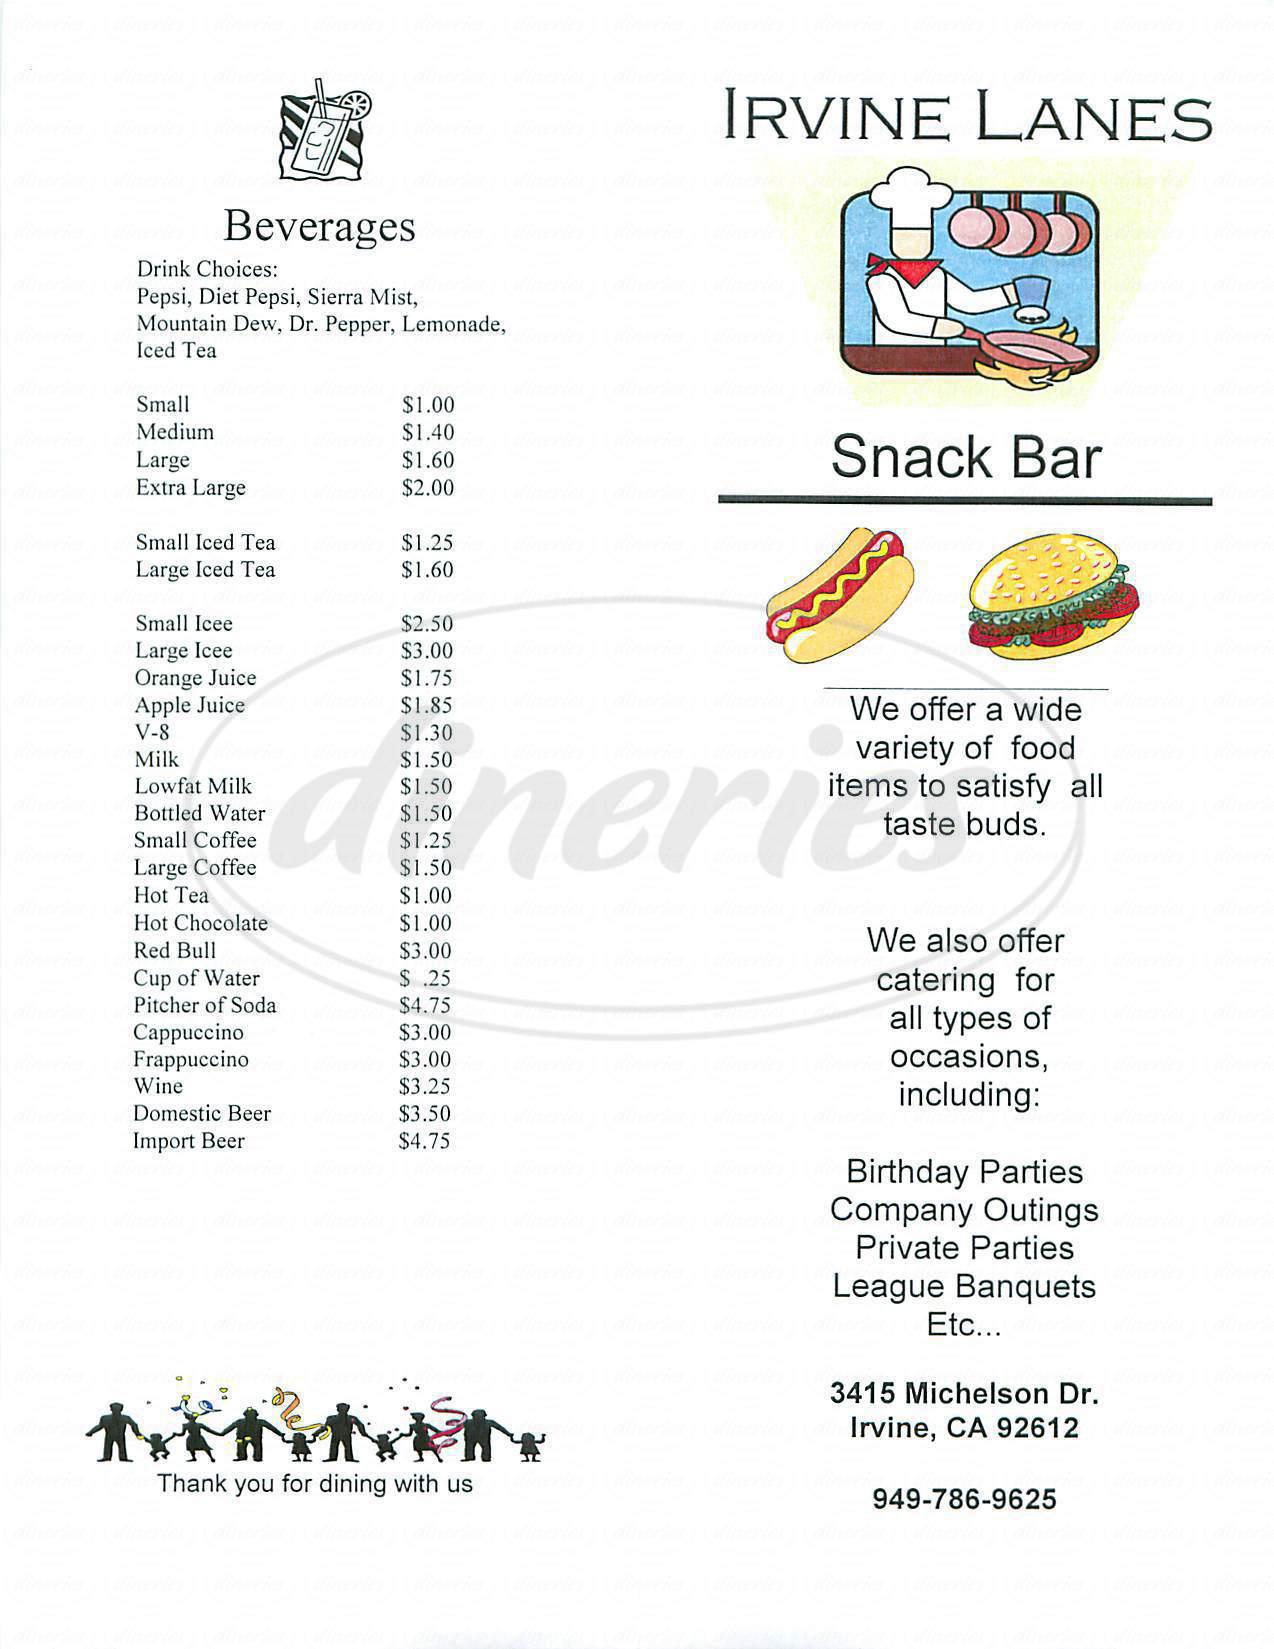 Irvine lanes snack bar menu irvine dineries for Snack bar menu